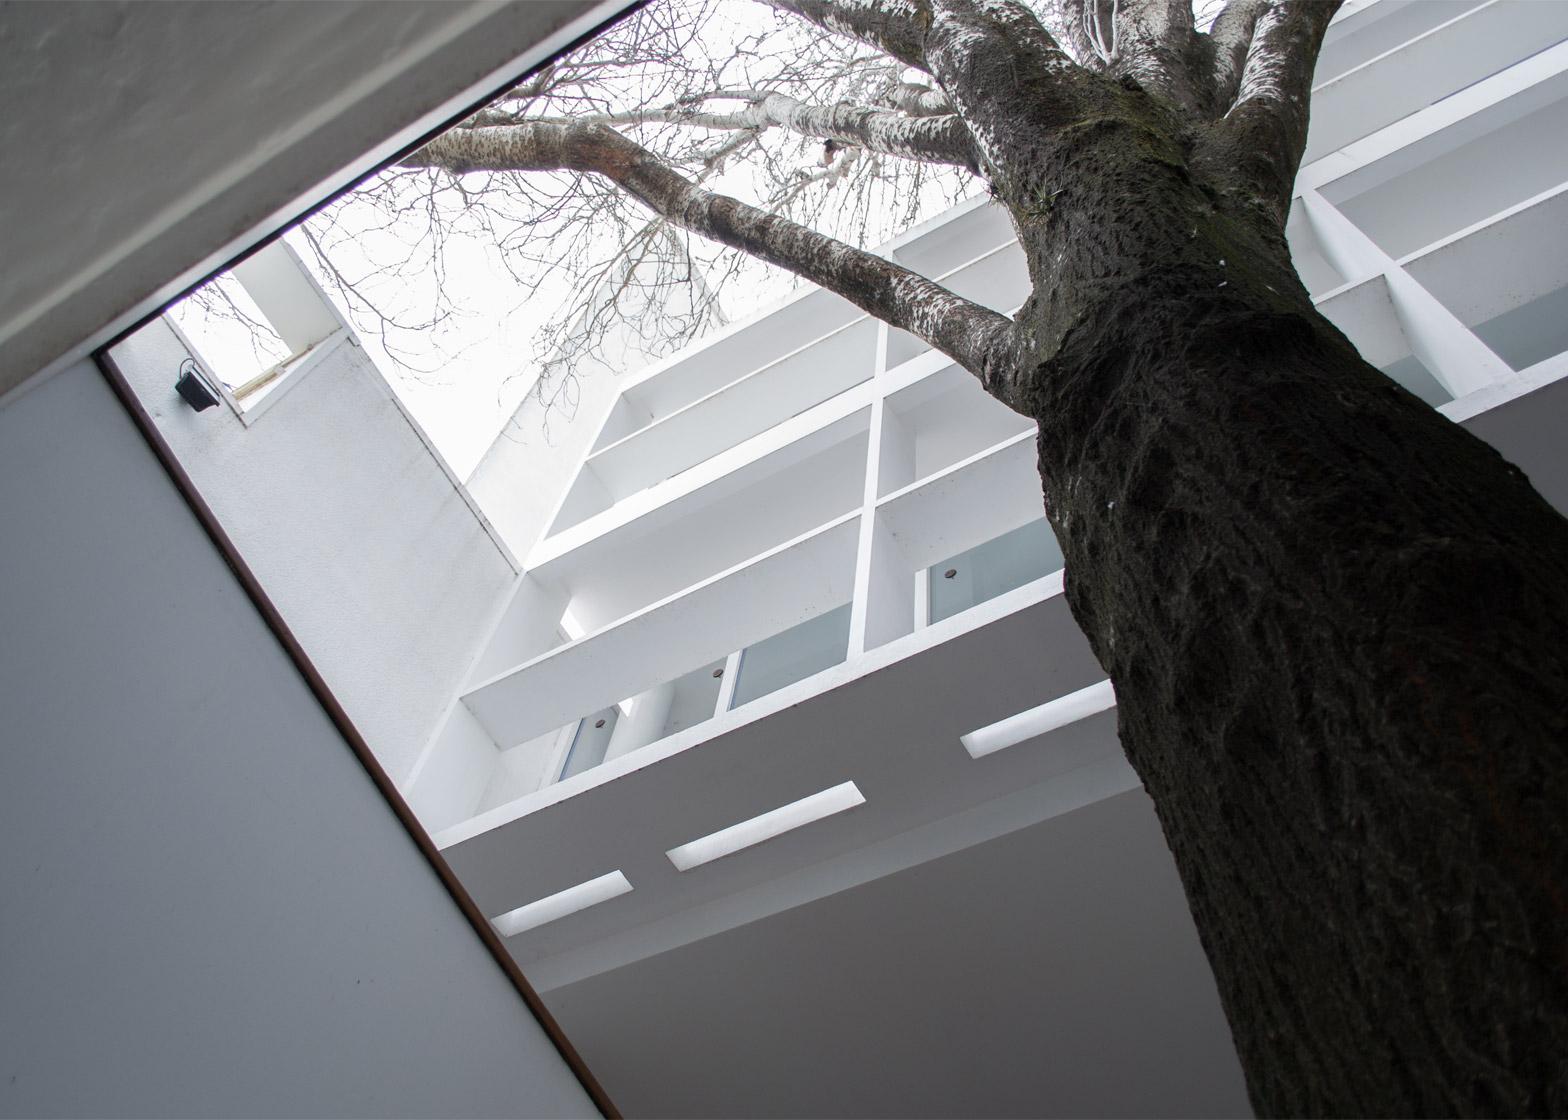 Le Corbusier designed Maison Curutchet for an Argentinian surgeon